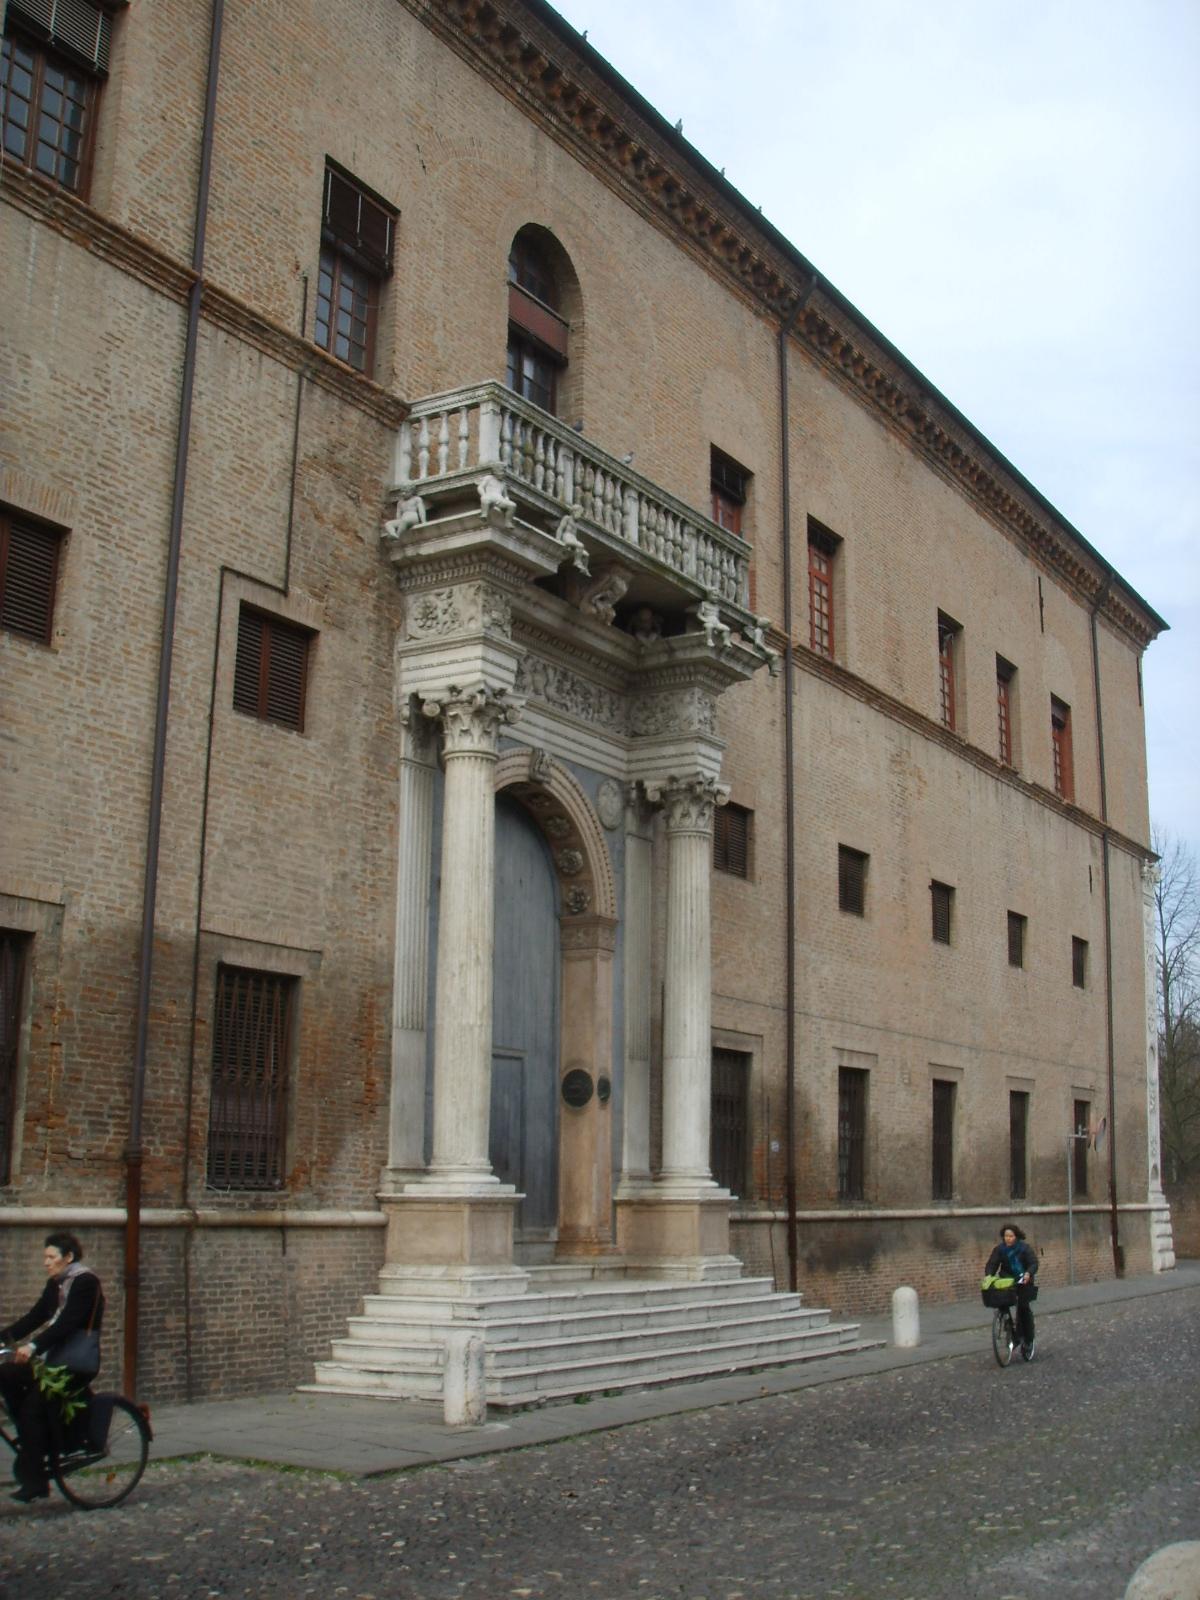 Palazzo prosperi sacrati wikipedia - Palazzo turchi di bagno ...